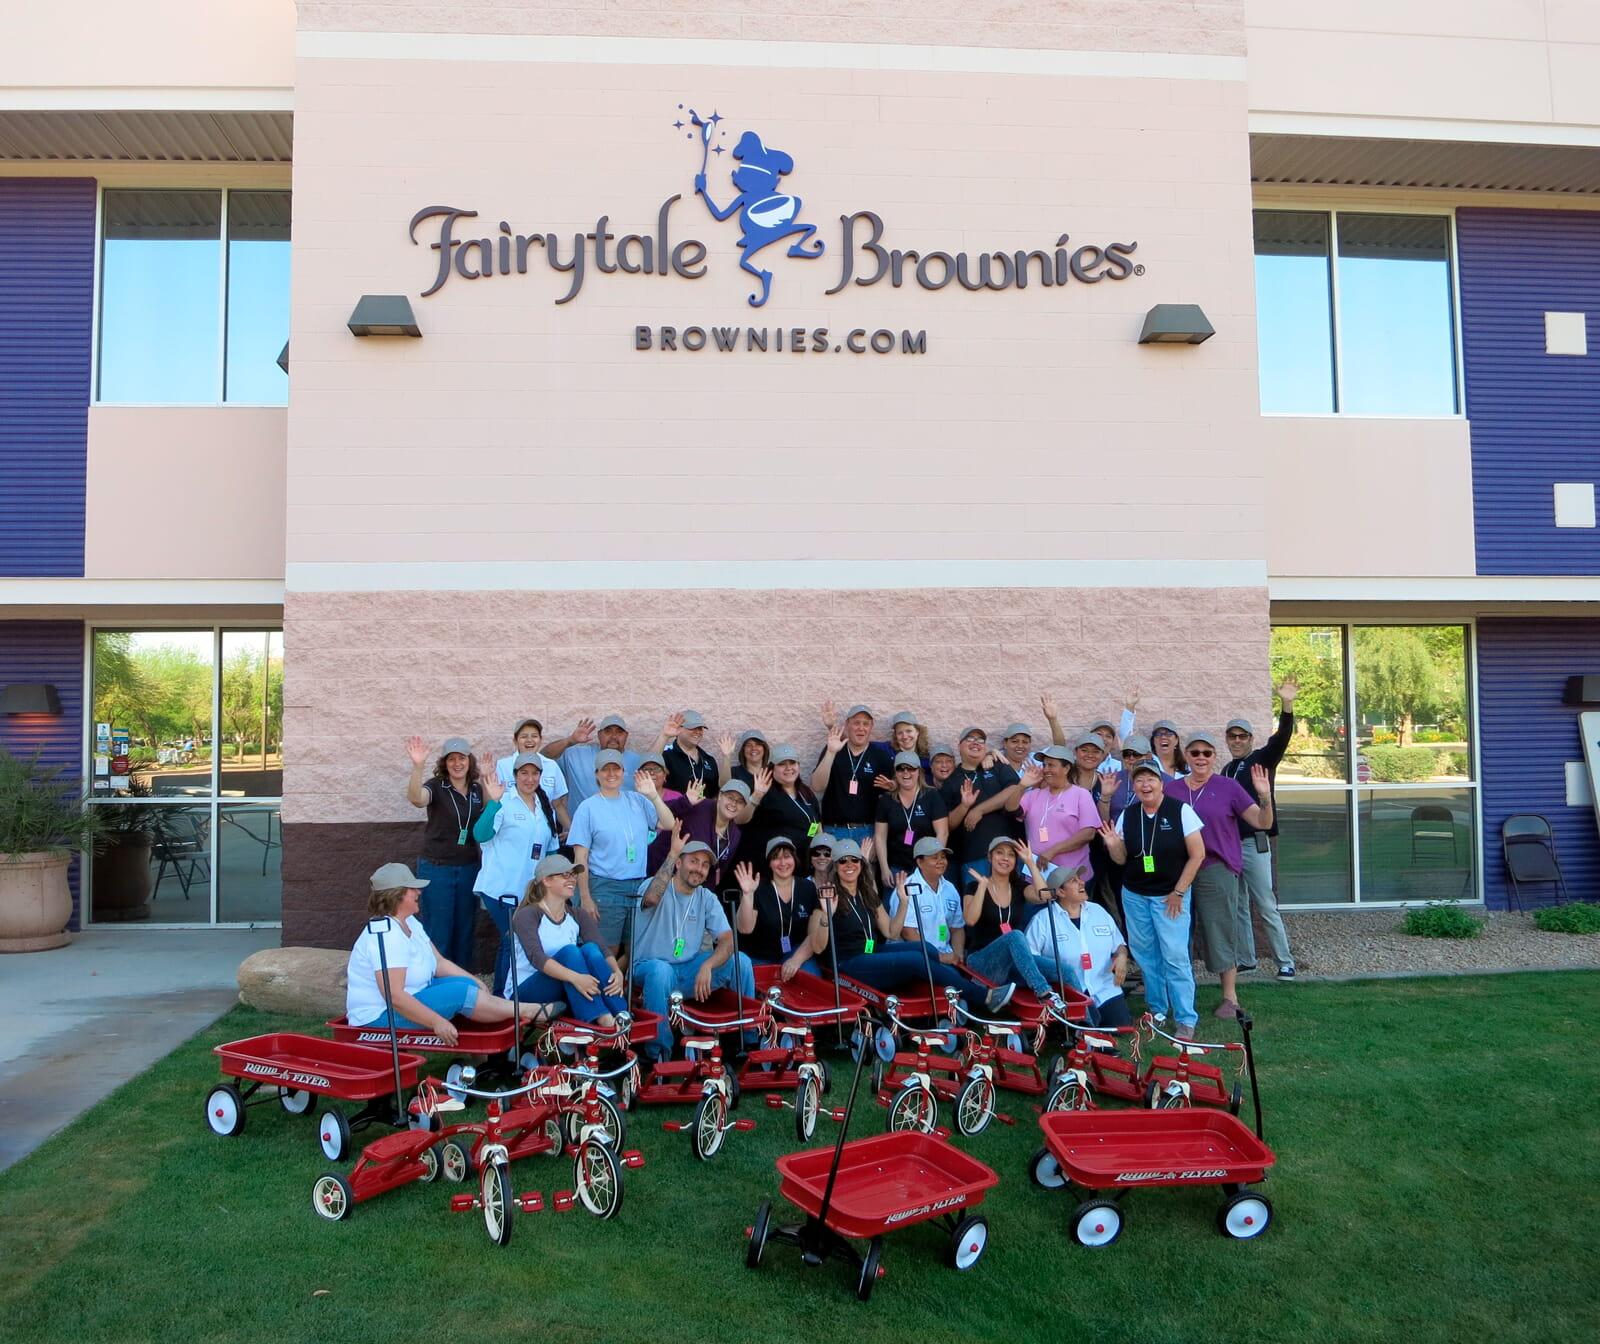 Fairytale team group photo